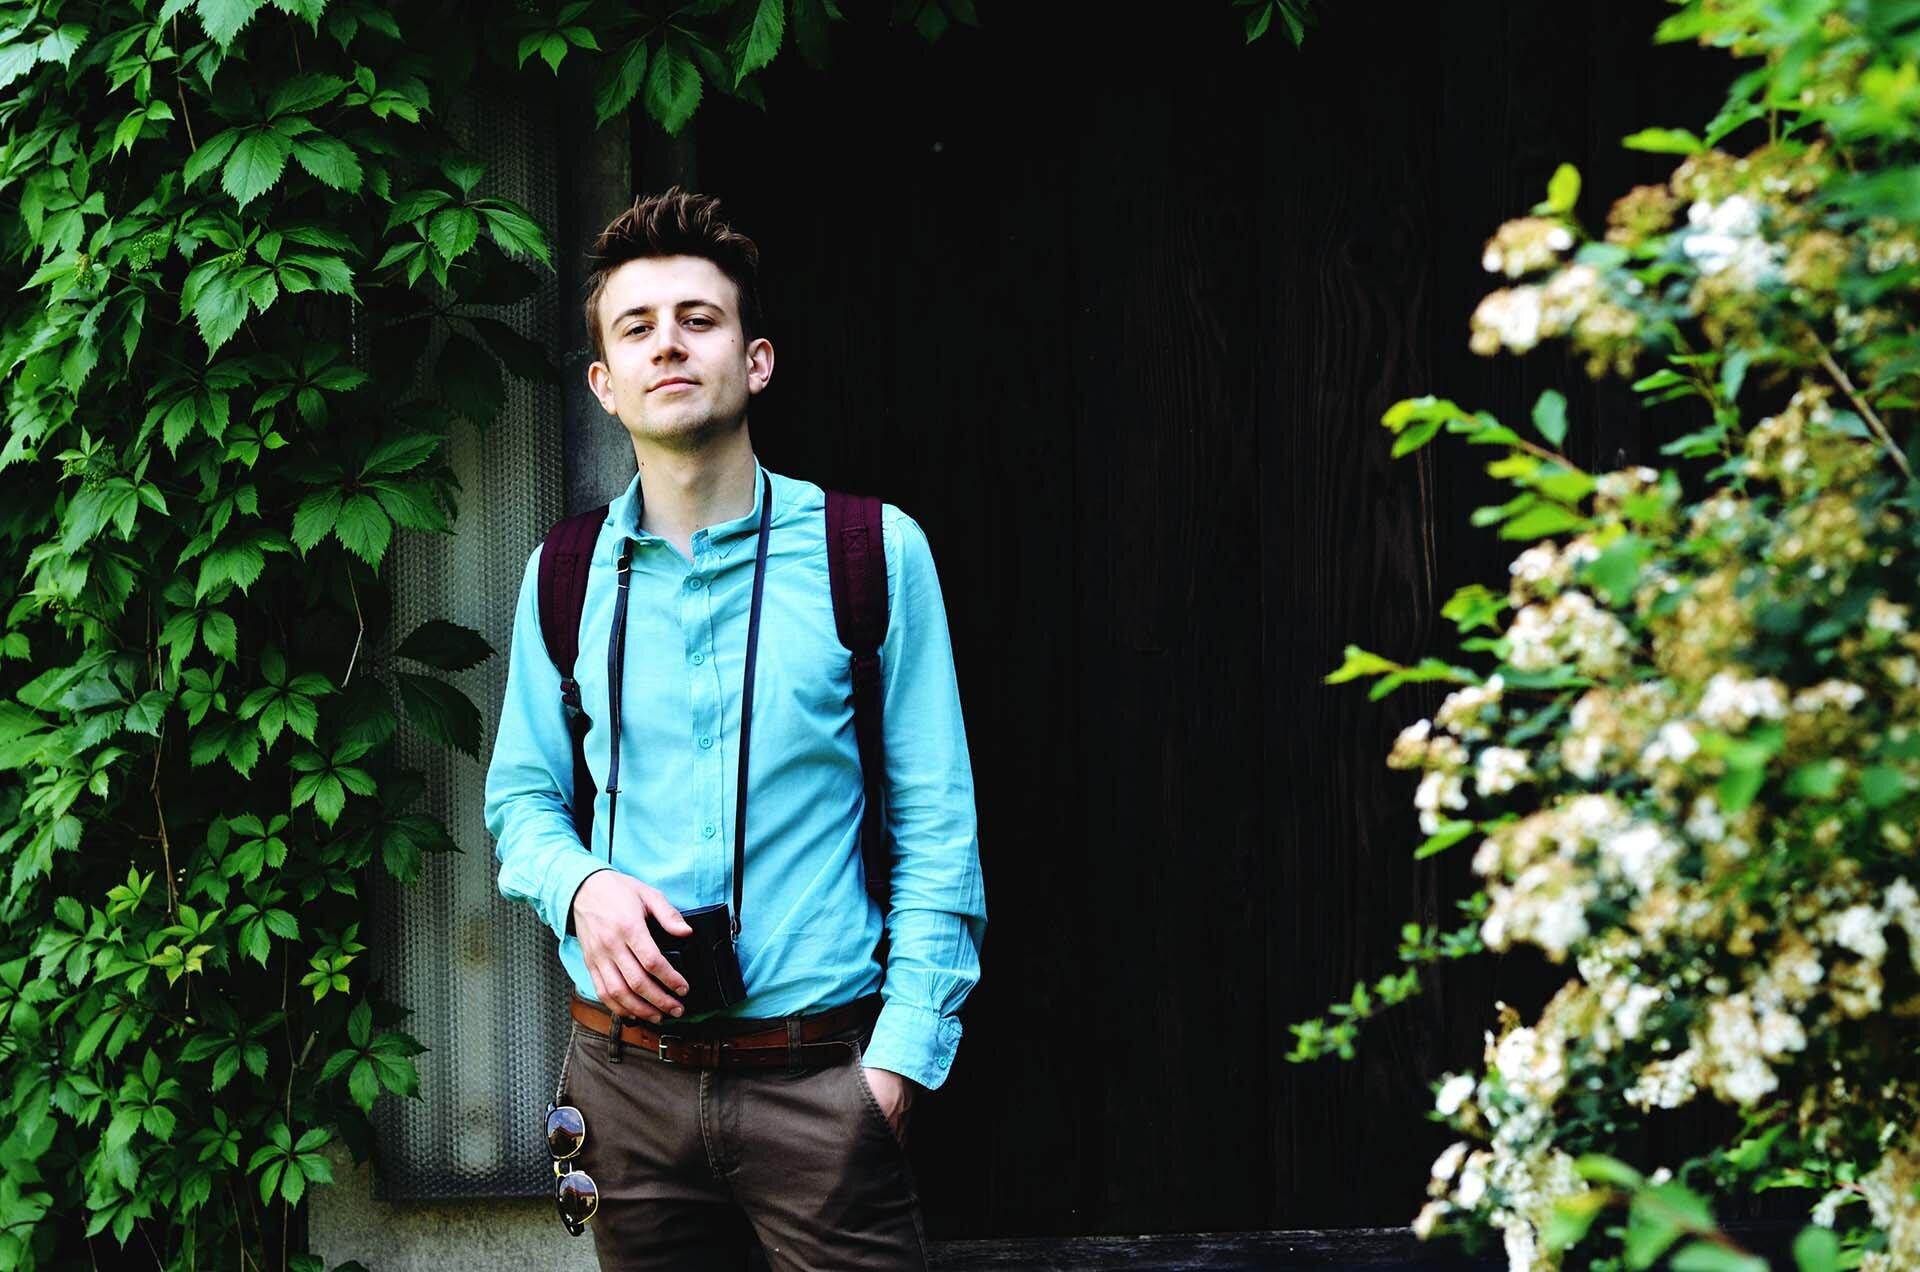 GMALE by Grzegorz Paliś, blog o modzie męskiej, Ogród Muzeum Archeologicznego, bordowy plecak, mokasyny, miętowa koszula